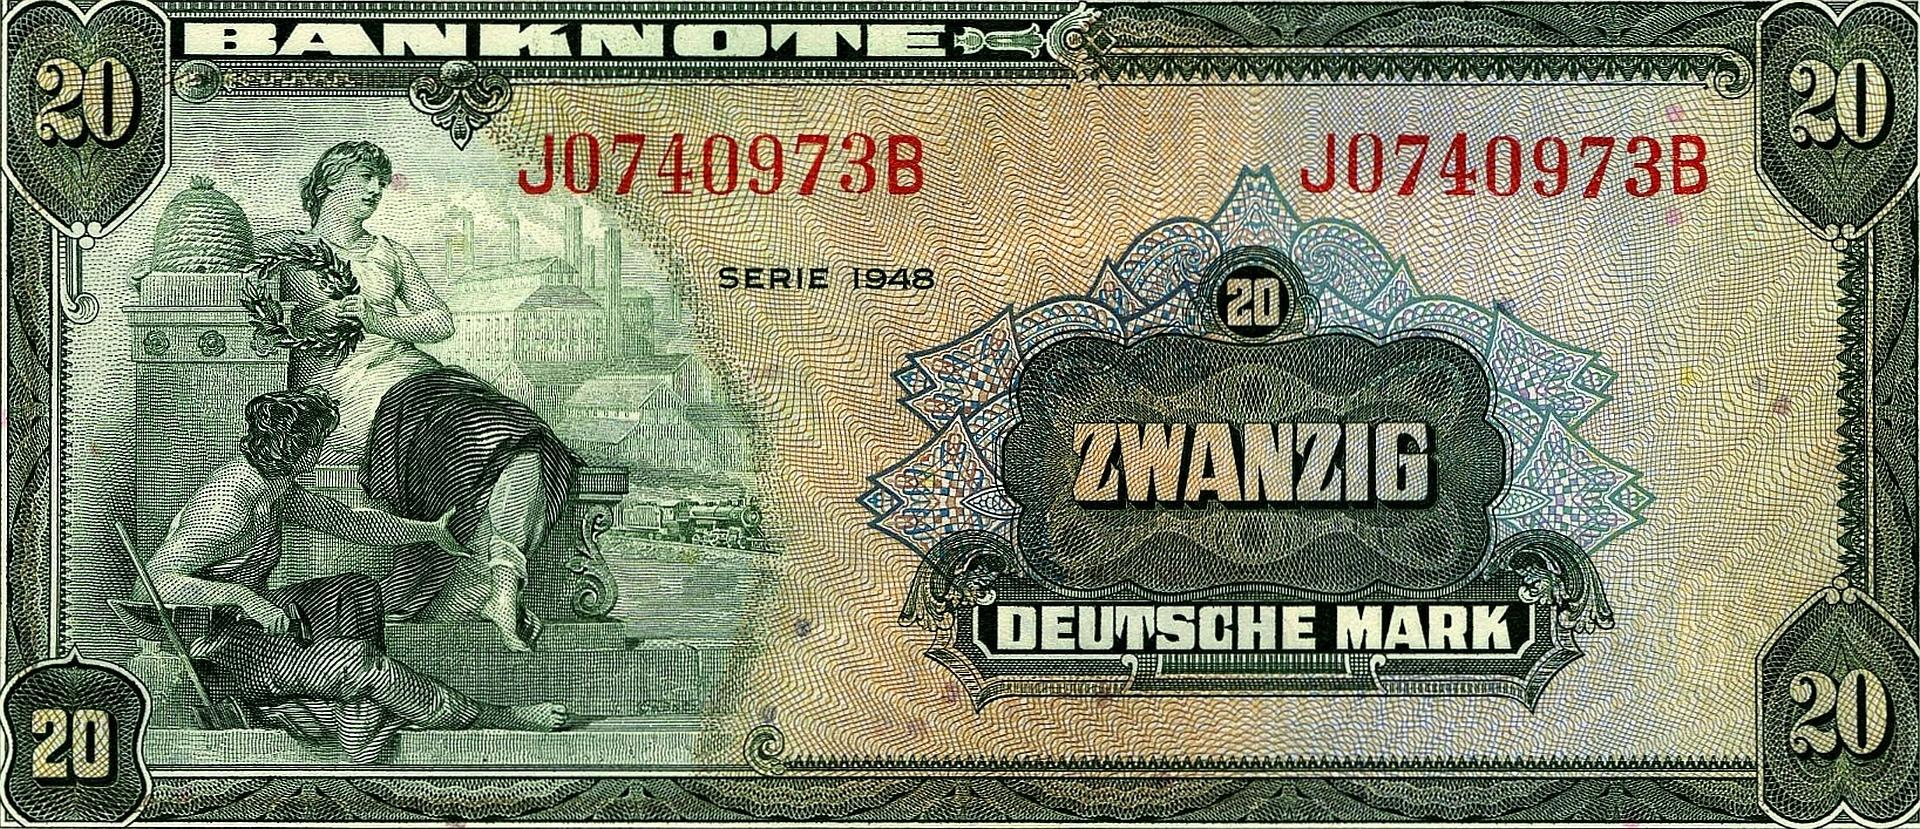 Deutsche Mark wallpapers HD quality